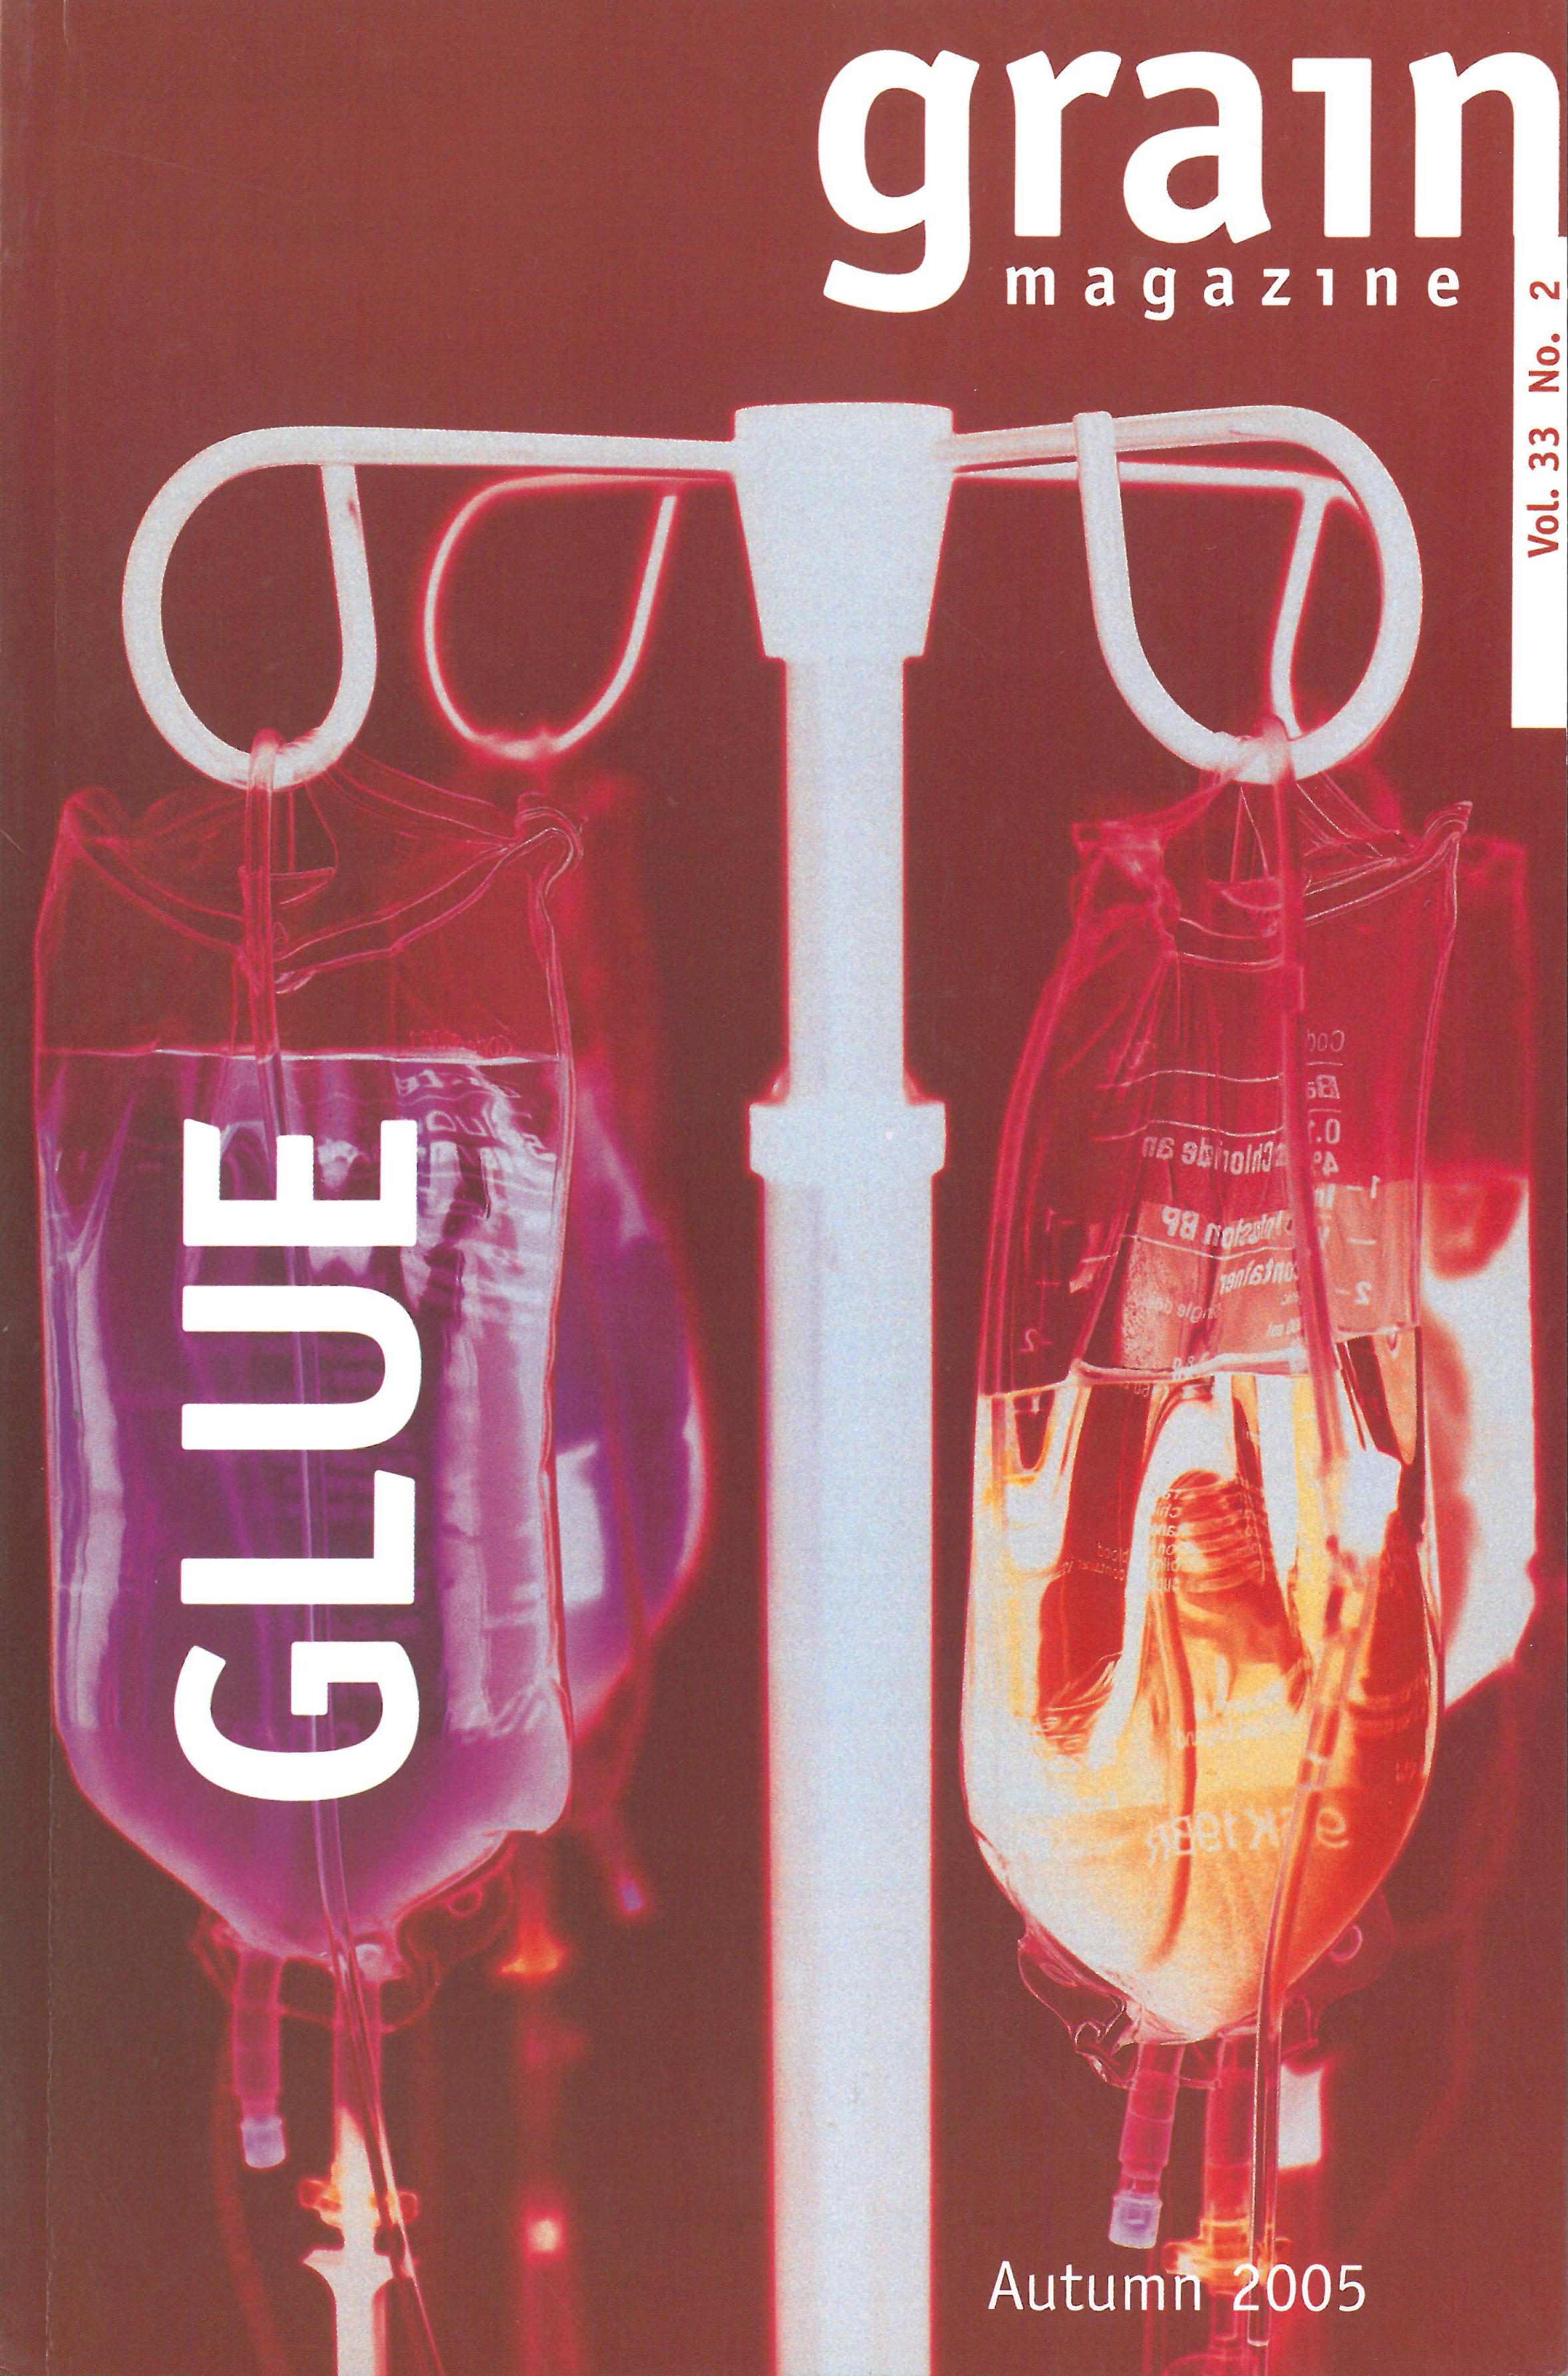 33.2 Autumn 2005, Glue: Short Grain Contest